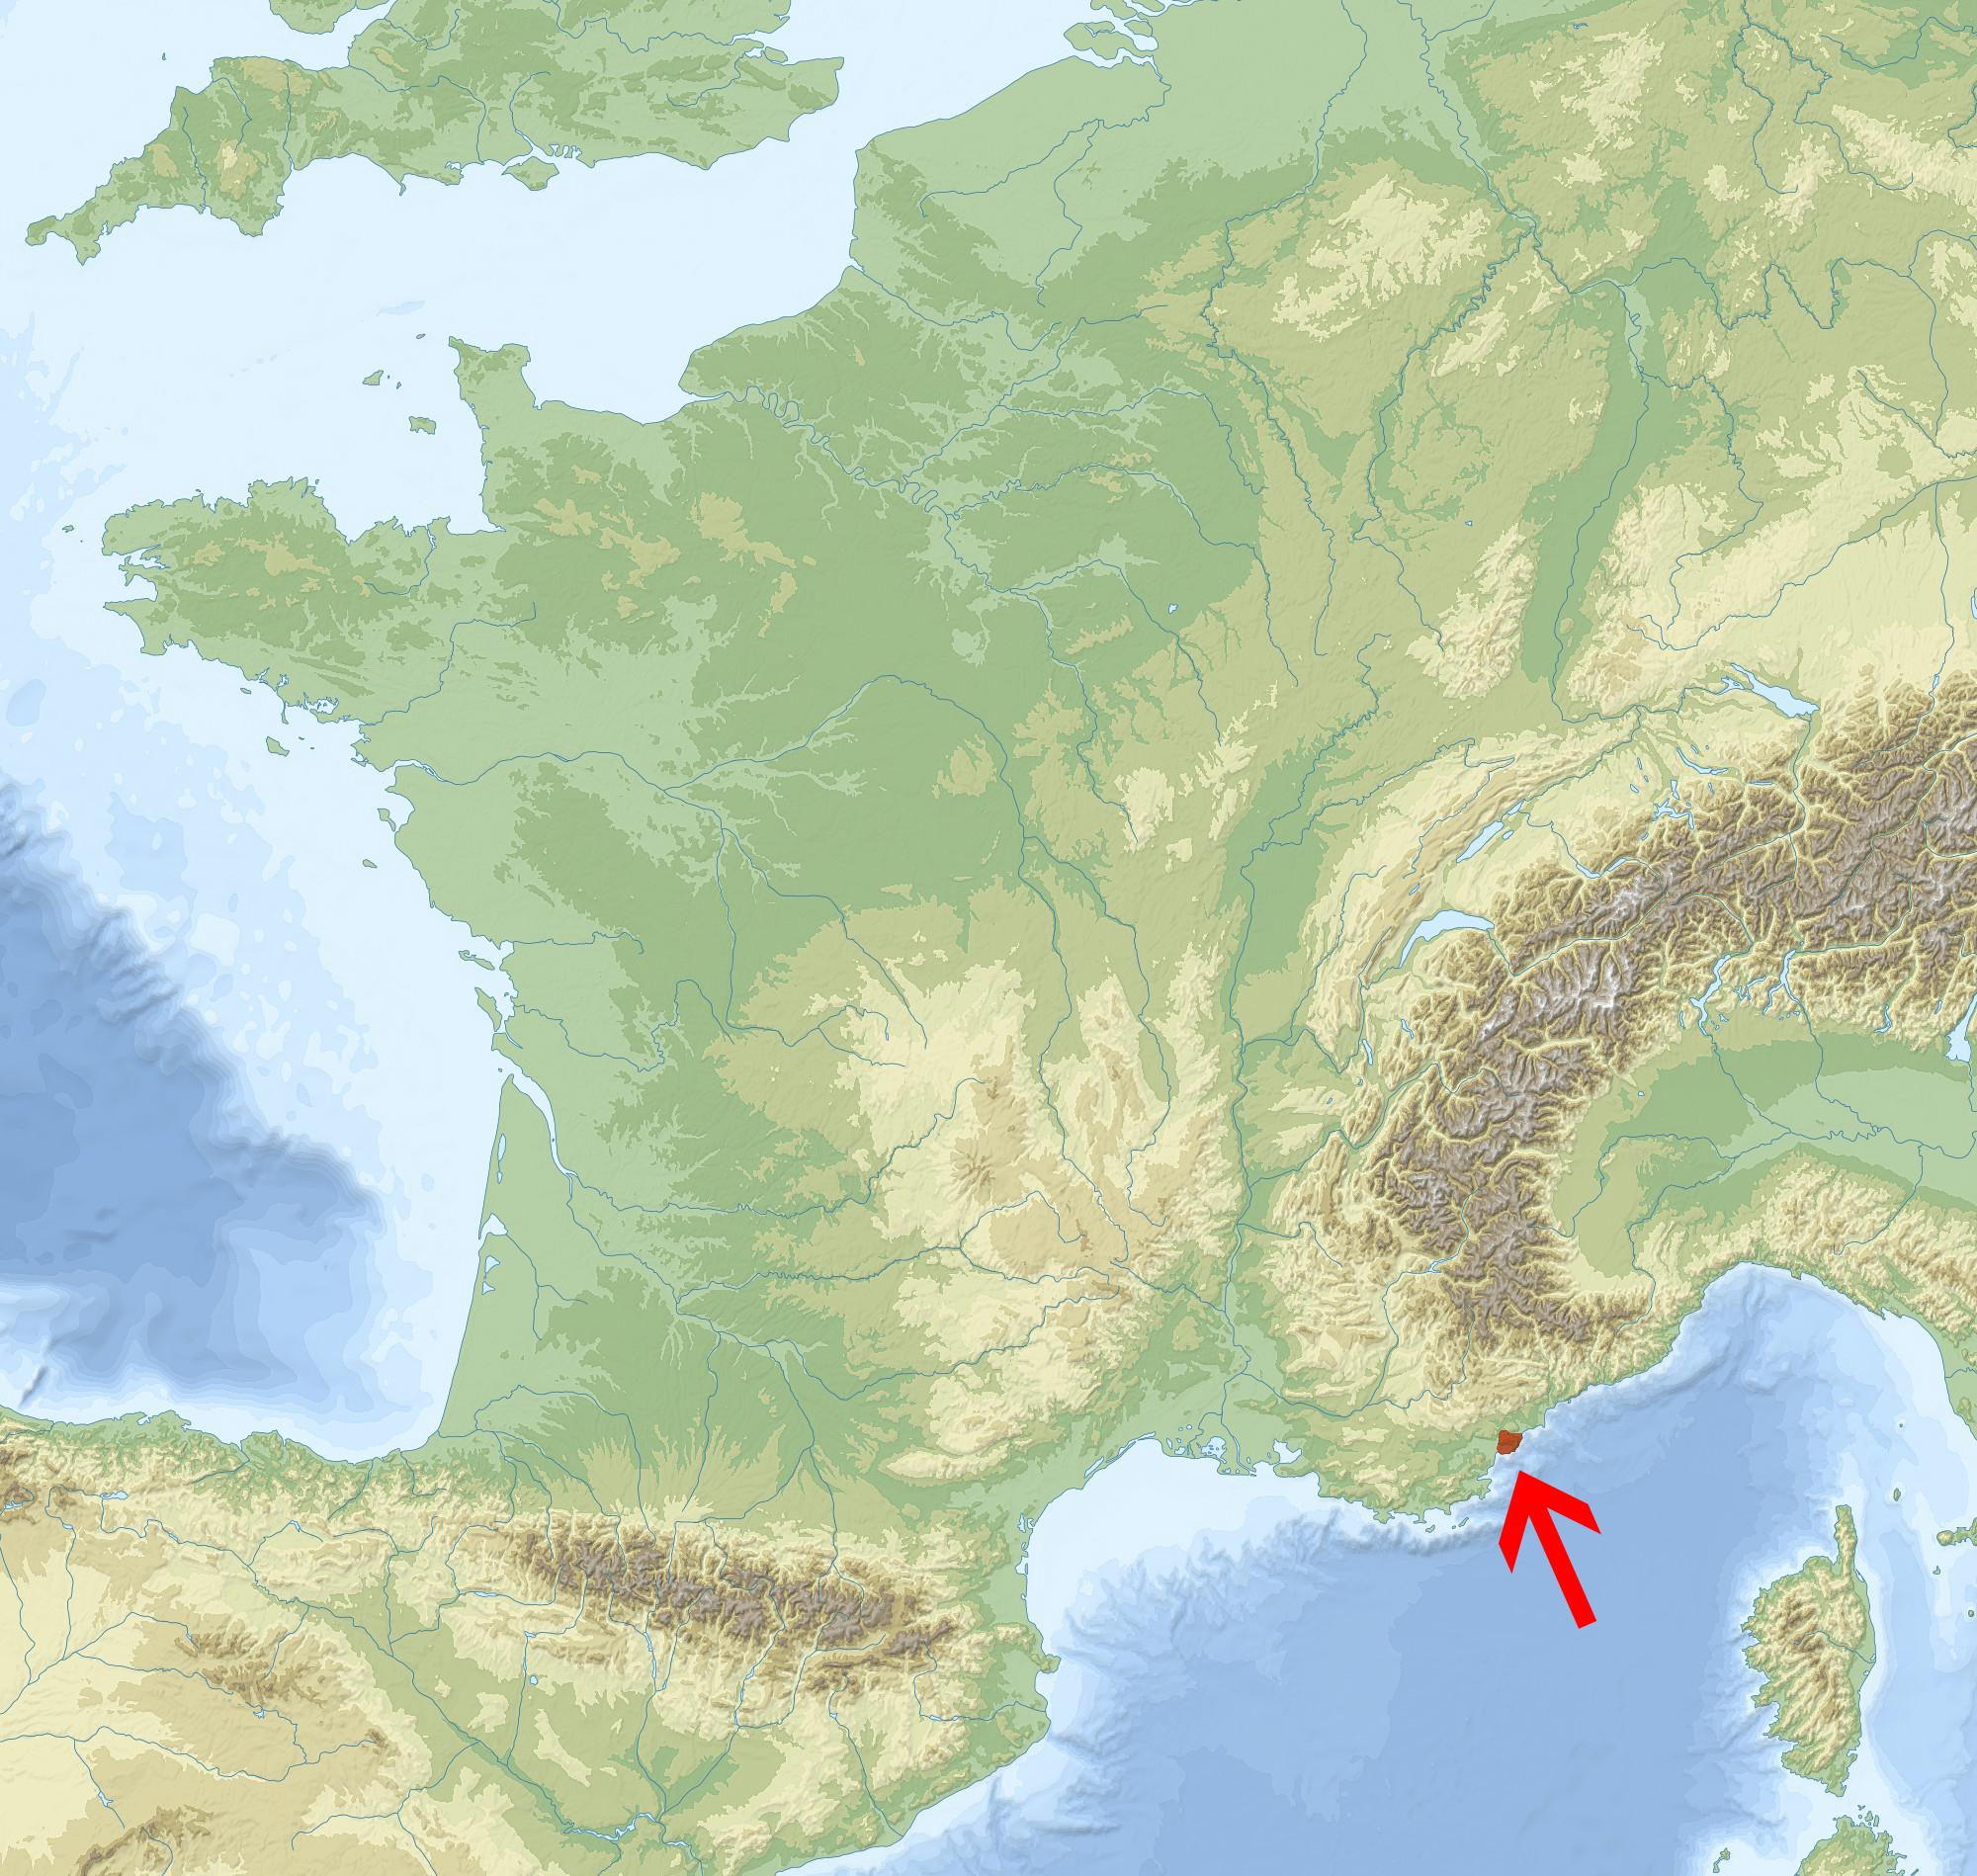 massif de l esterel carte File:Esterel carte.   Wikimedia Commons